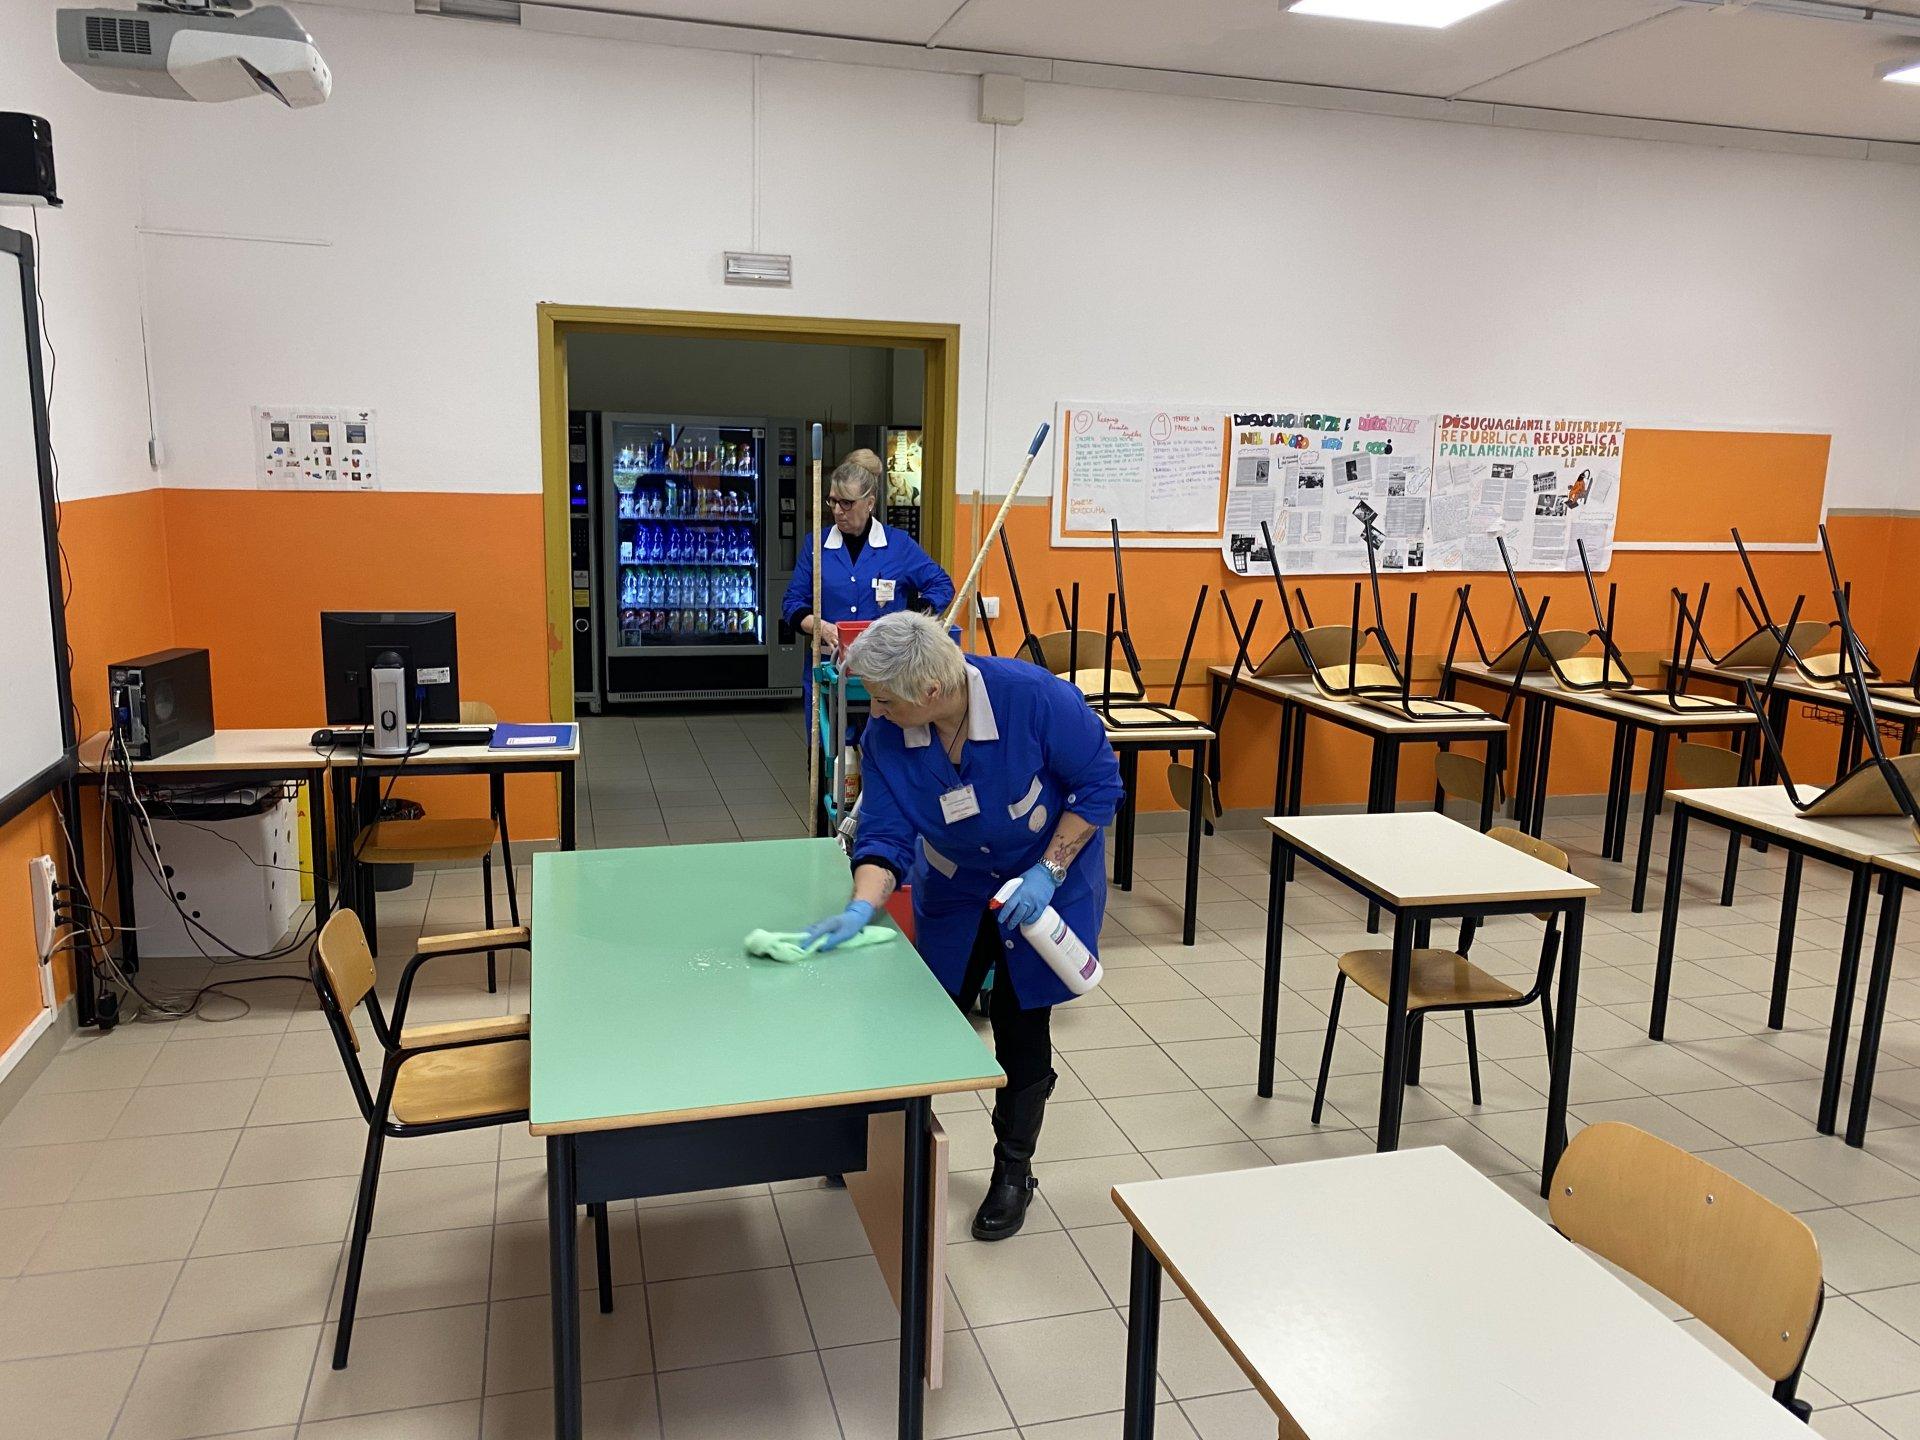 Scuole e igienizzazione, porte aperte al Gae Aulenti - FOTO - Prima Biella